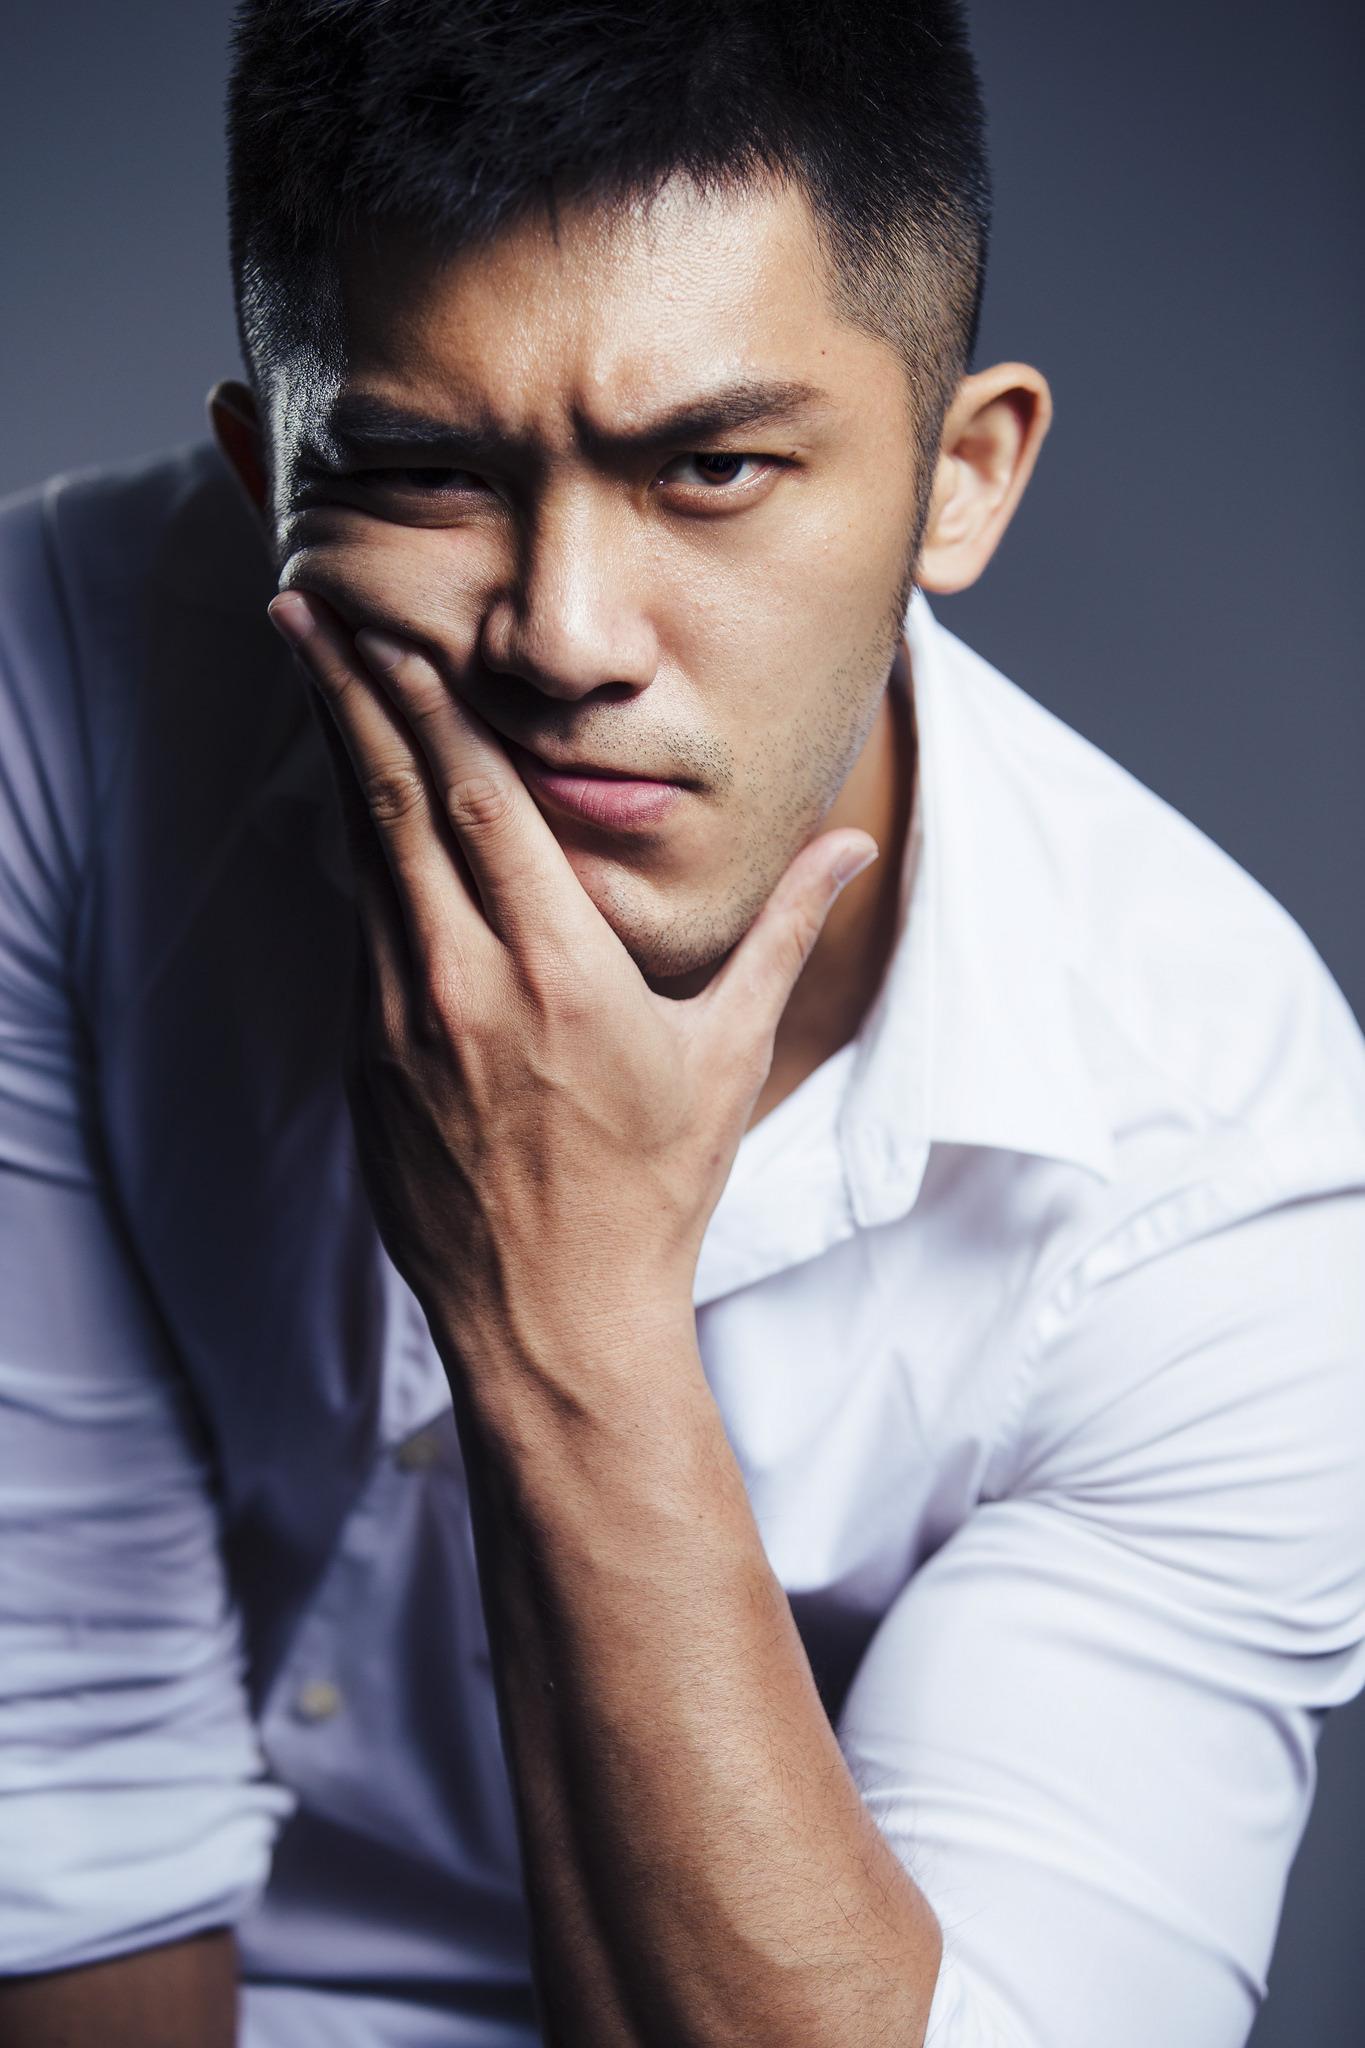 2018081115315069 - 台湾男模张晏廷 Adam Lin 摄影写真